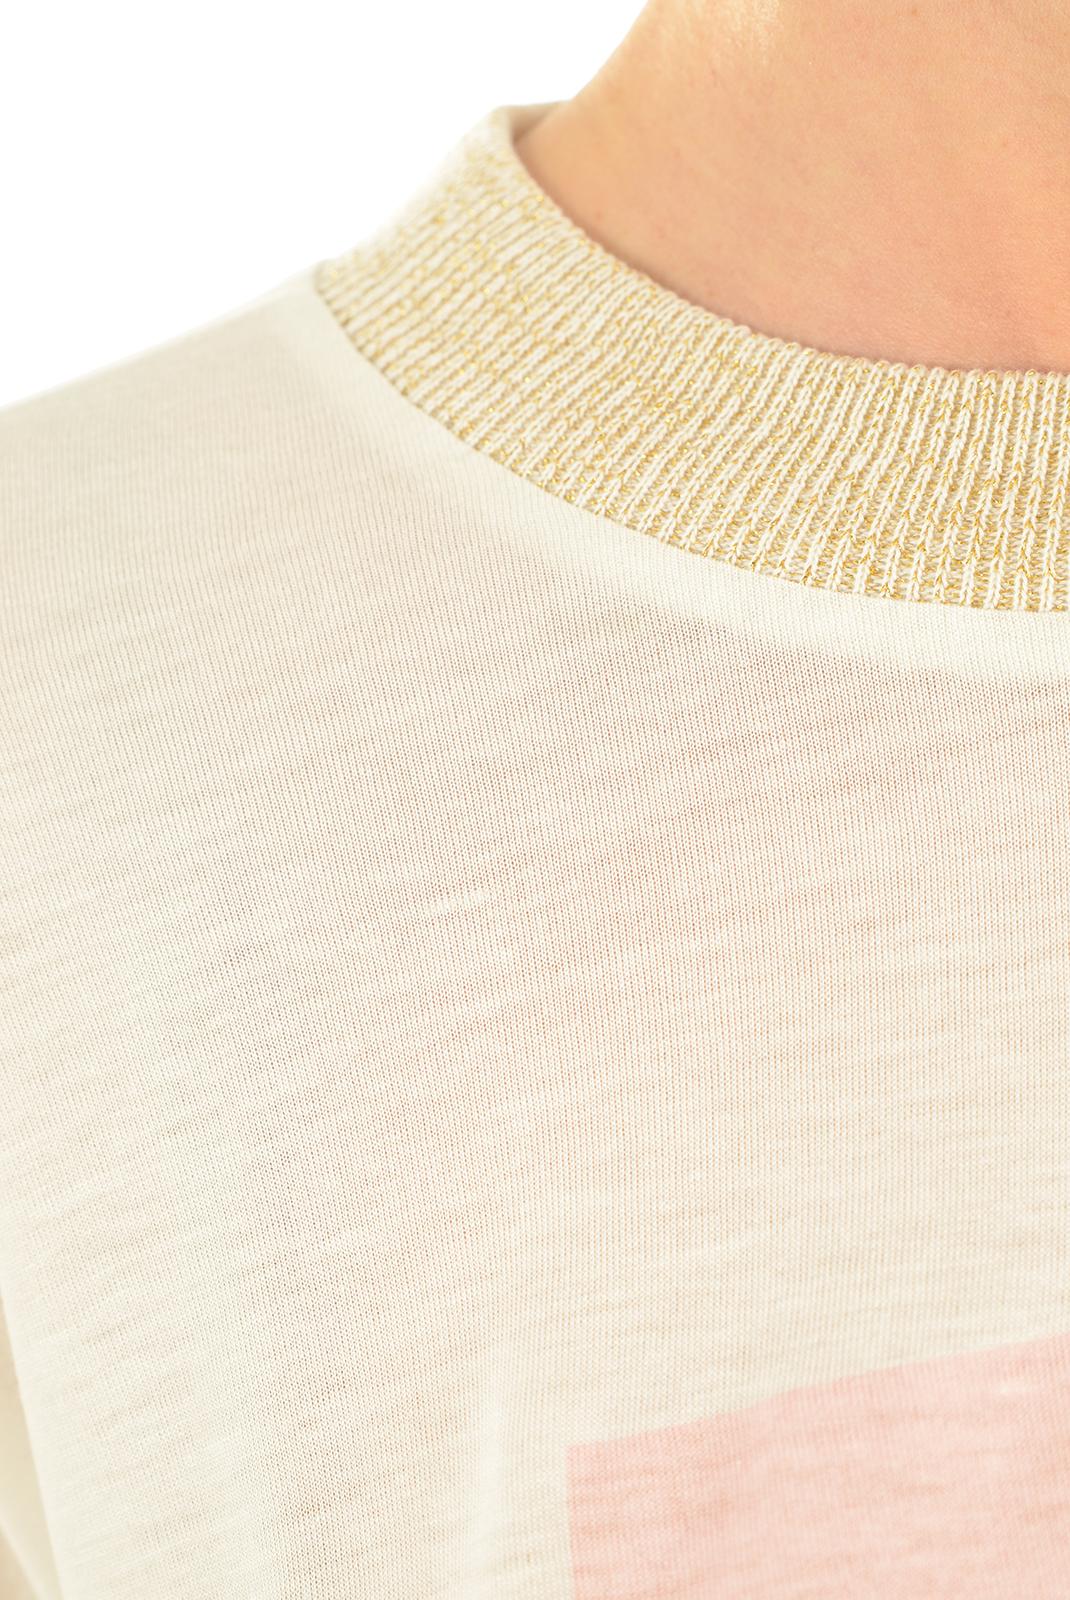 Tee shirt  Vero moda CLARA S/S TOP SNOW WHITE